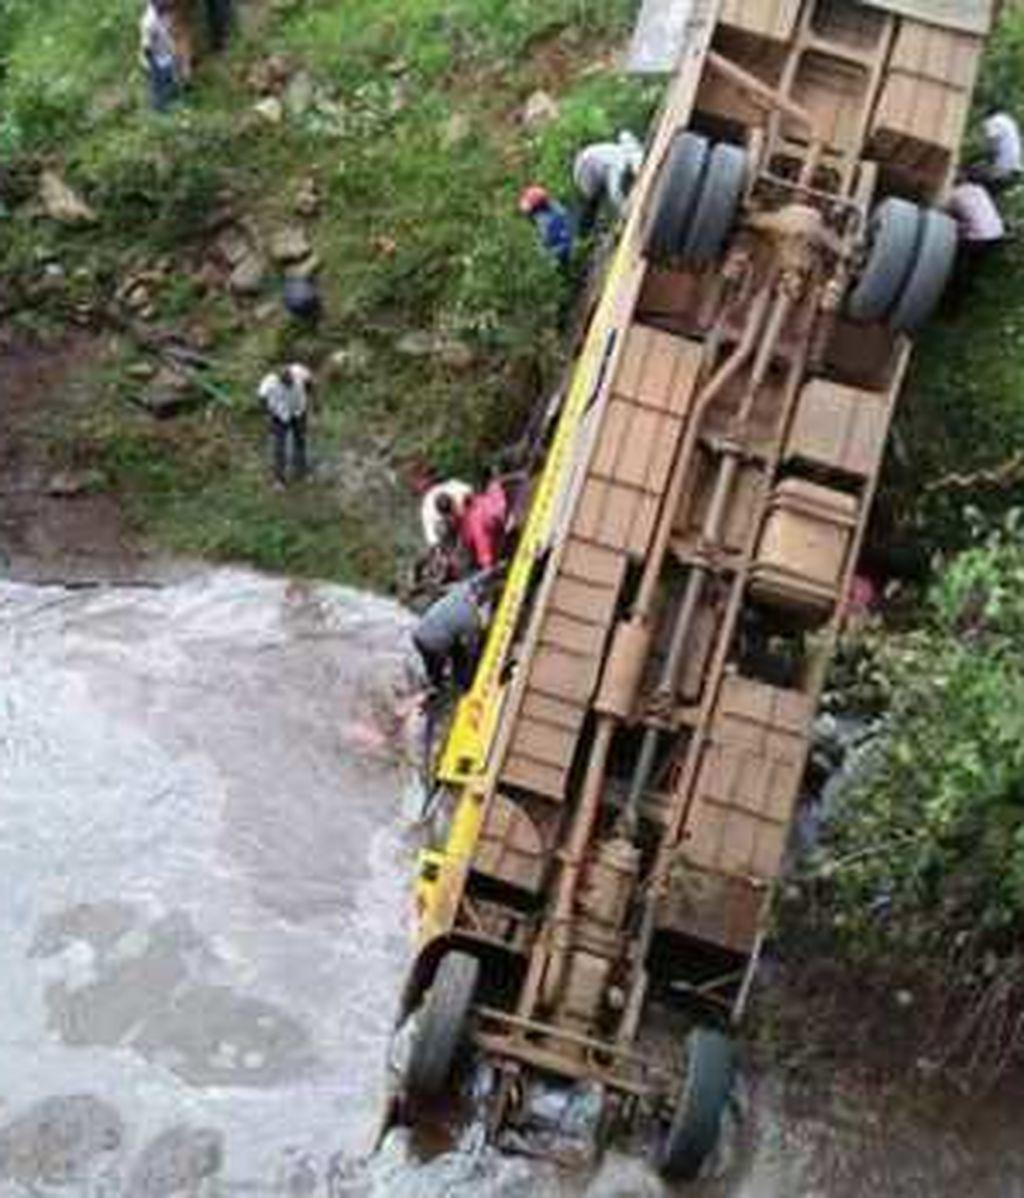 Mueren 17 personas tras caer un autobús a un río en el suroeste de Kenia